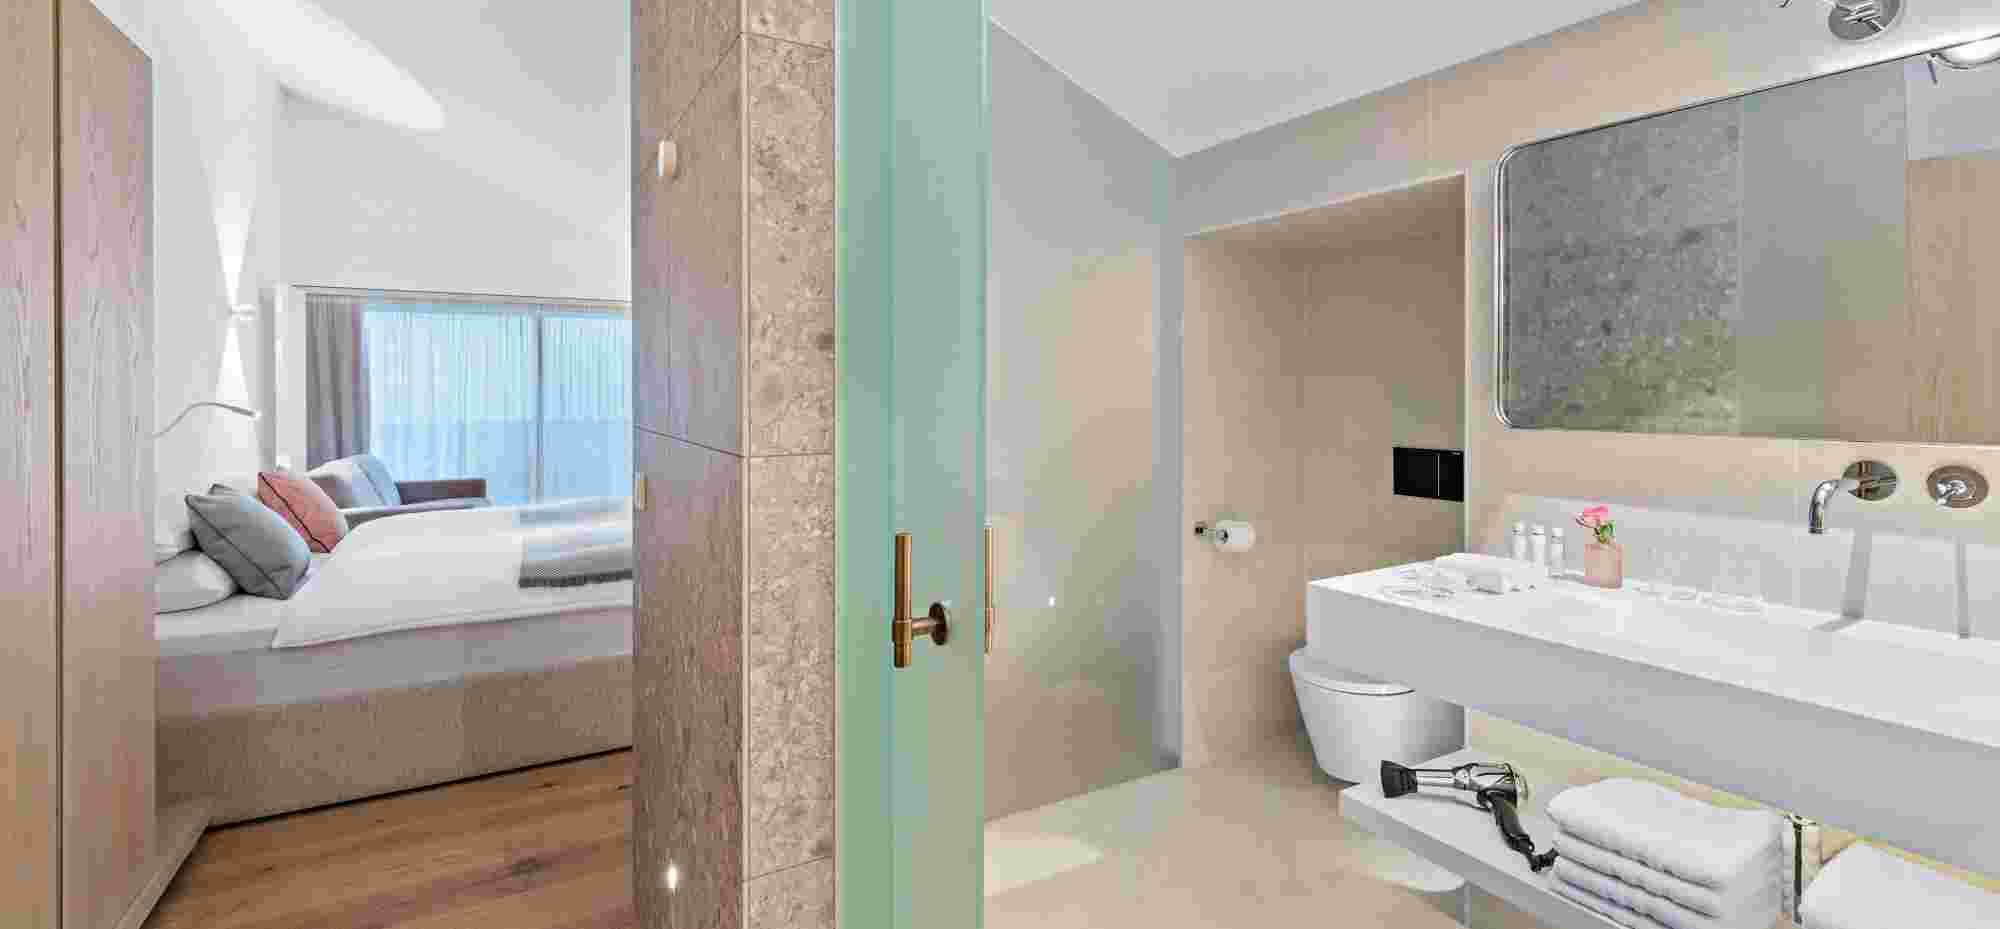 Superior Doppelzimmer vom Badezimmer im 5 Sterne Hotel Allgäu Sonne